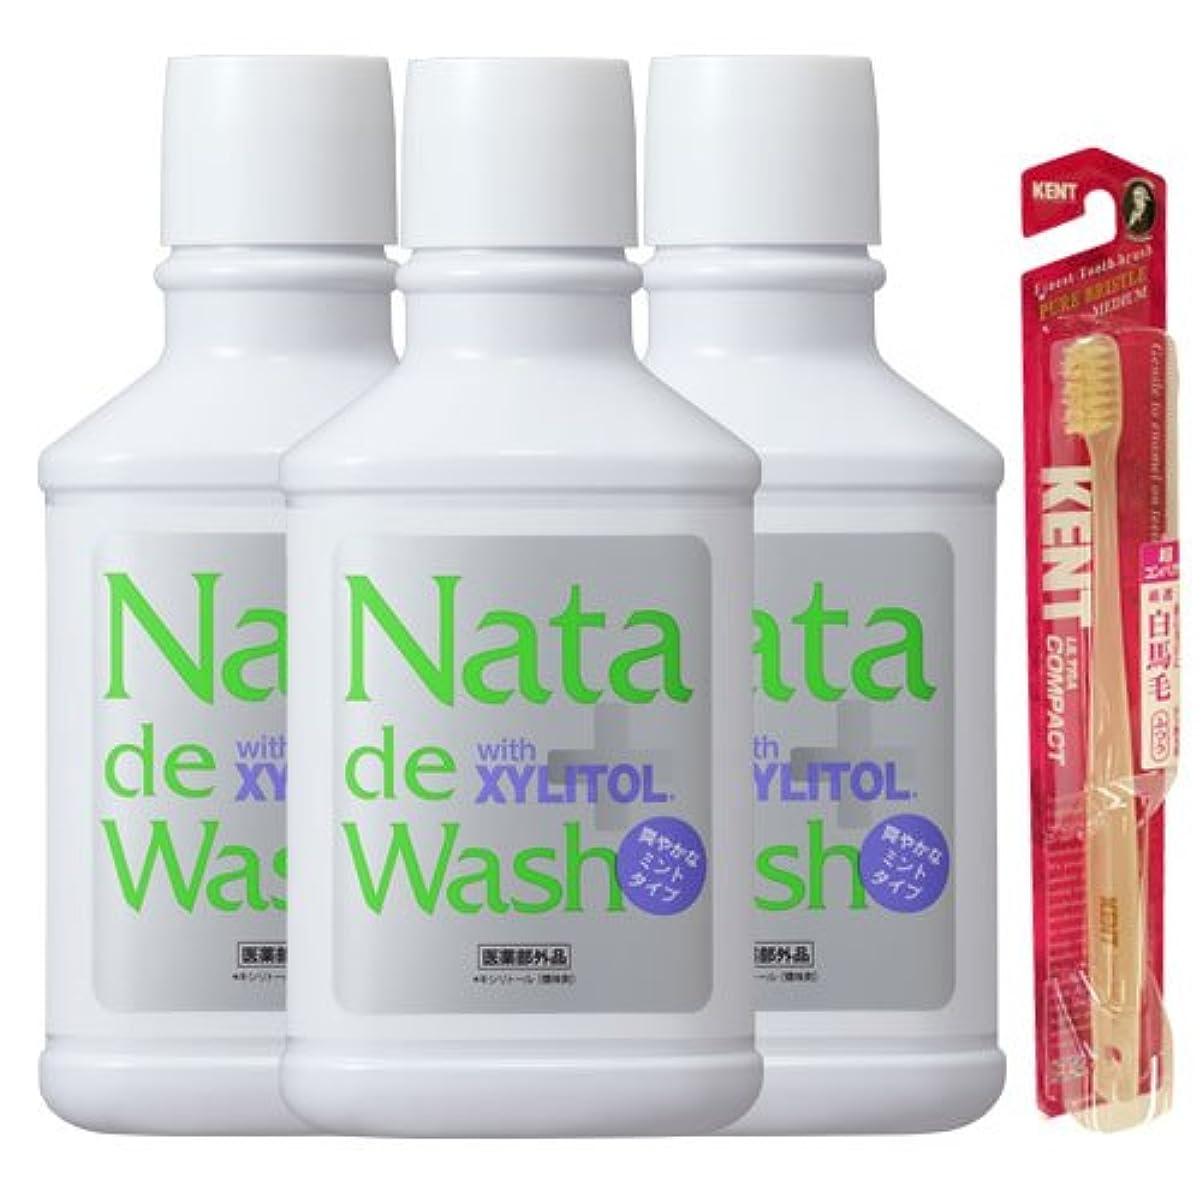 擁する冷えるポテト薬用ナタデウォッシュ 爽やかなミントタイプ 500ml 3本& KENT歯ブラシ1本プレゼント